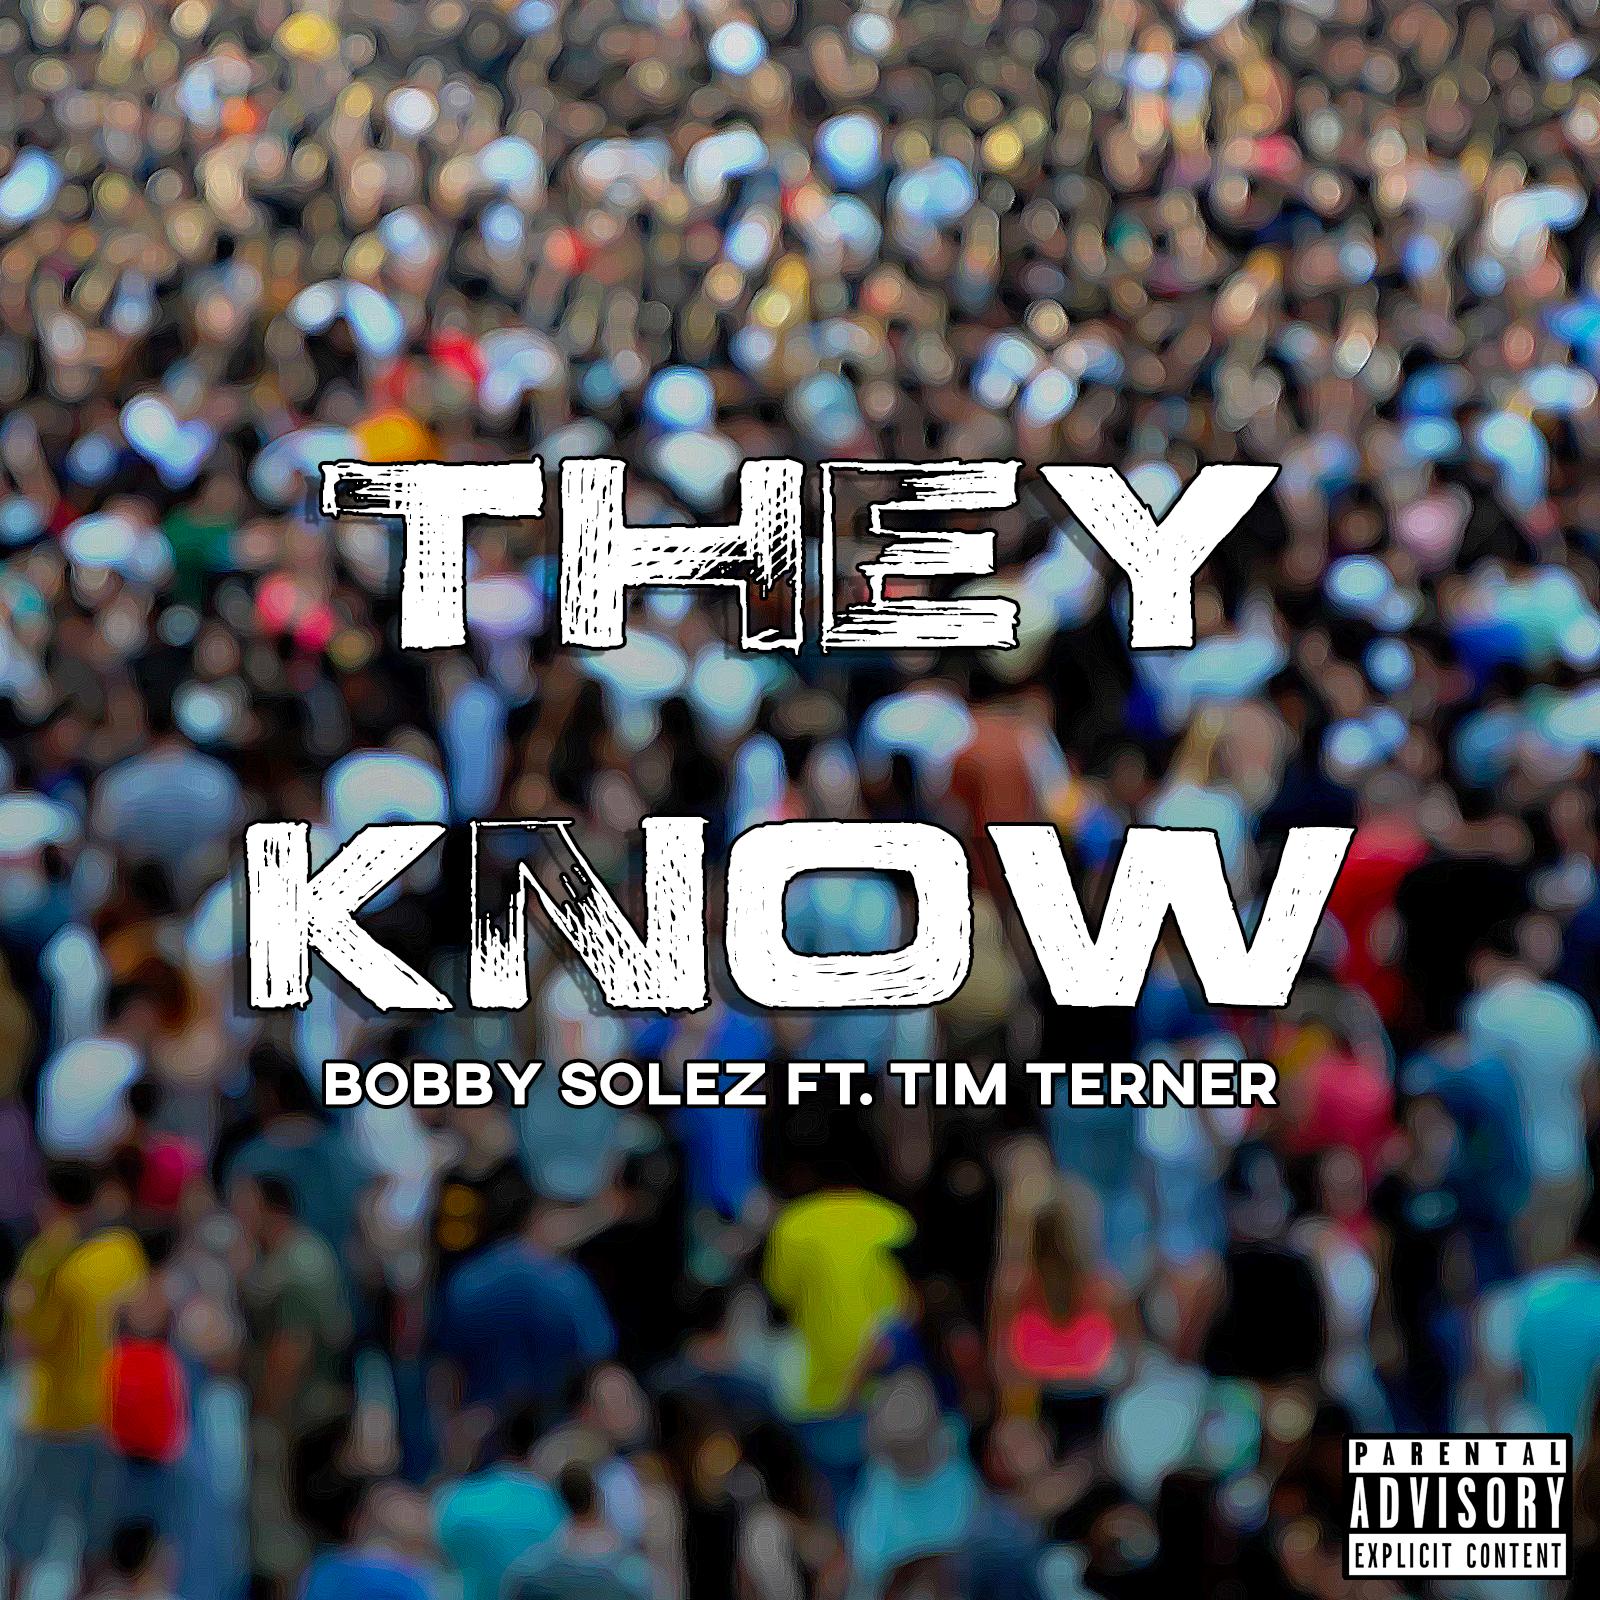 """Bobby Solez (@BobbySolez) Ft. Tim Terner – """"They Know"""" [Audio]"""